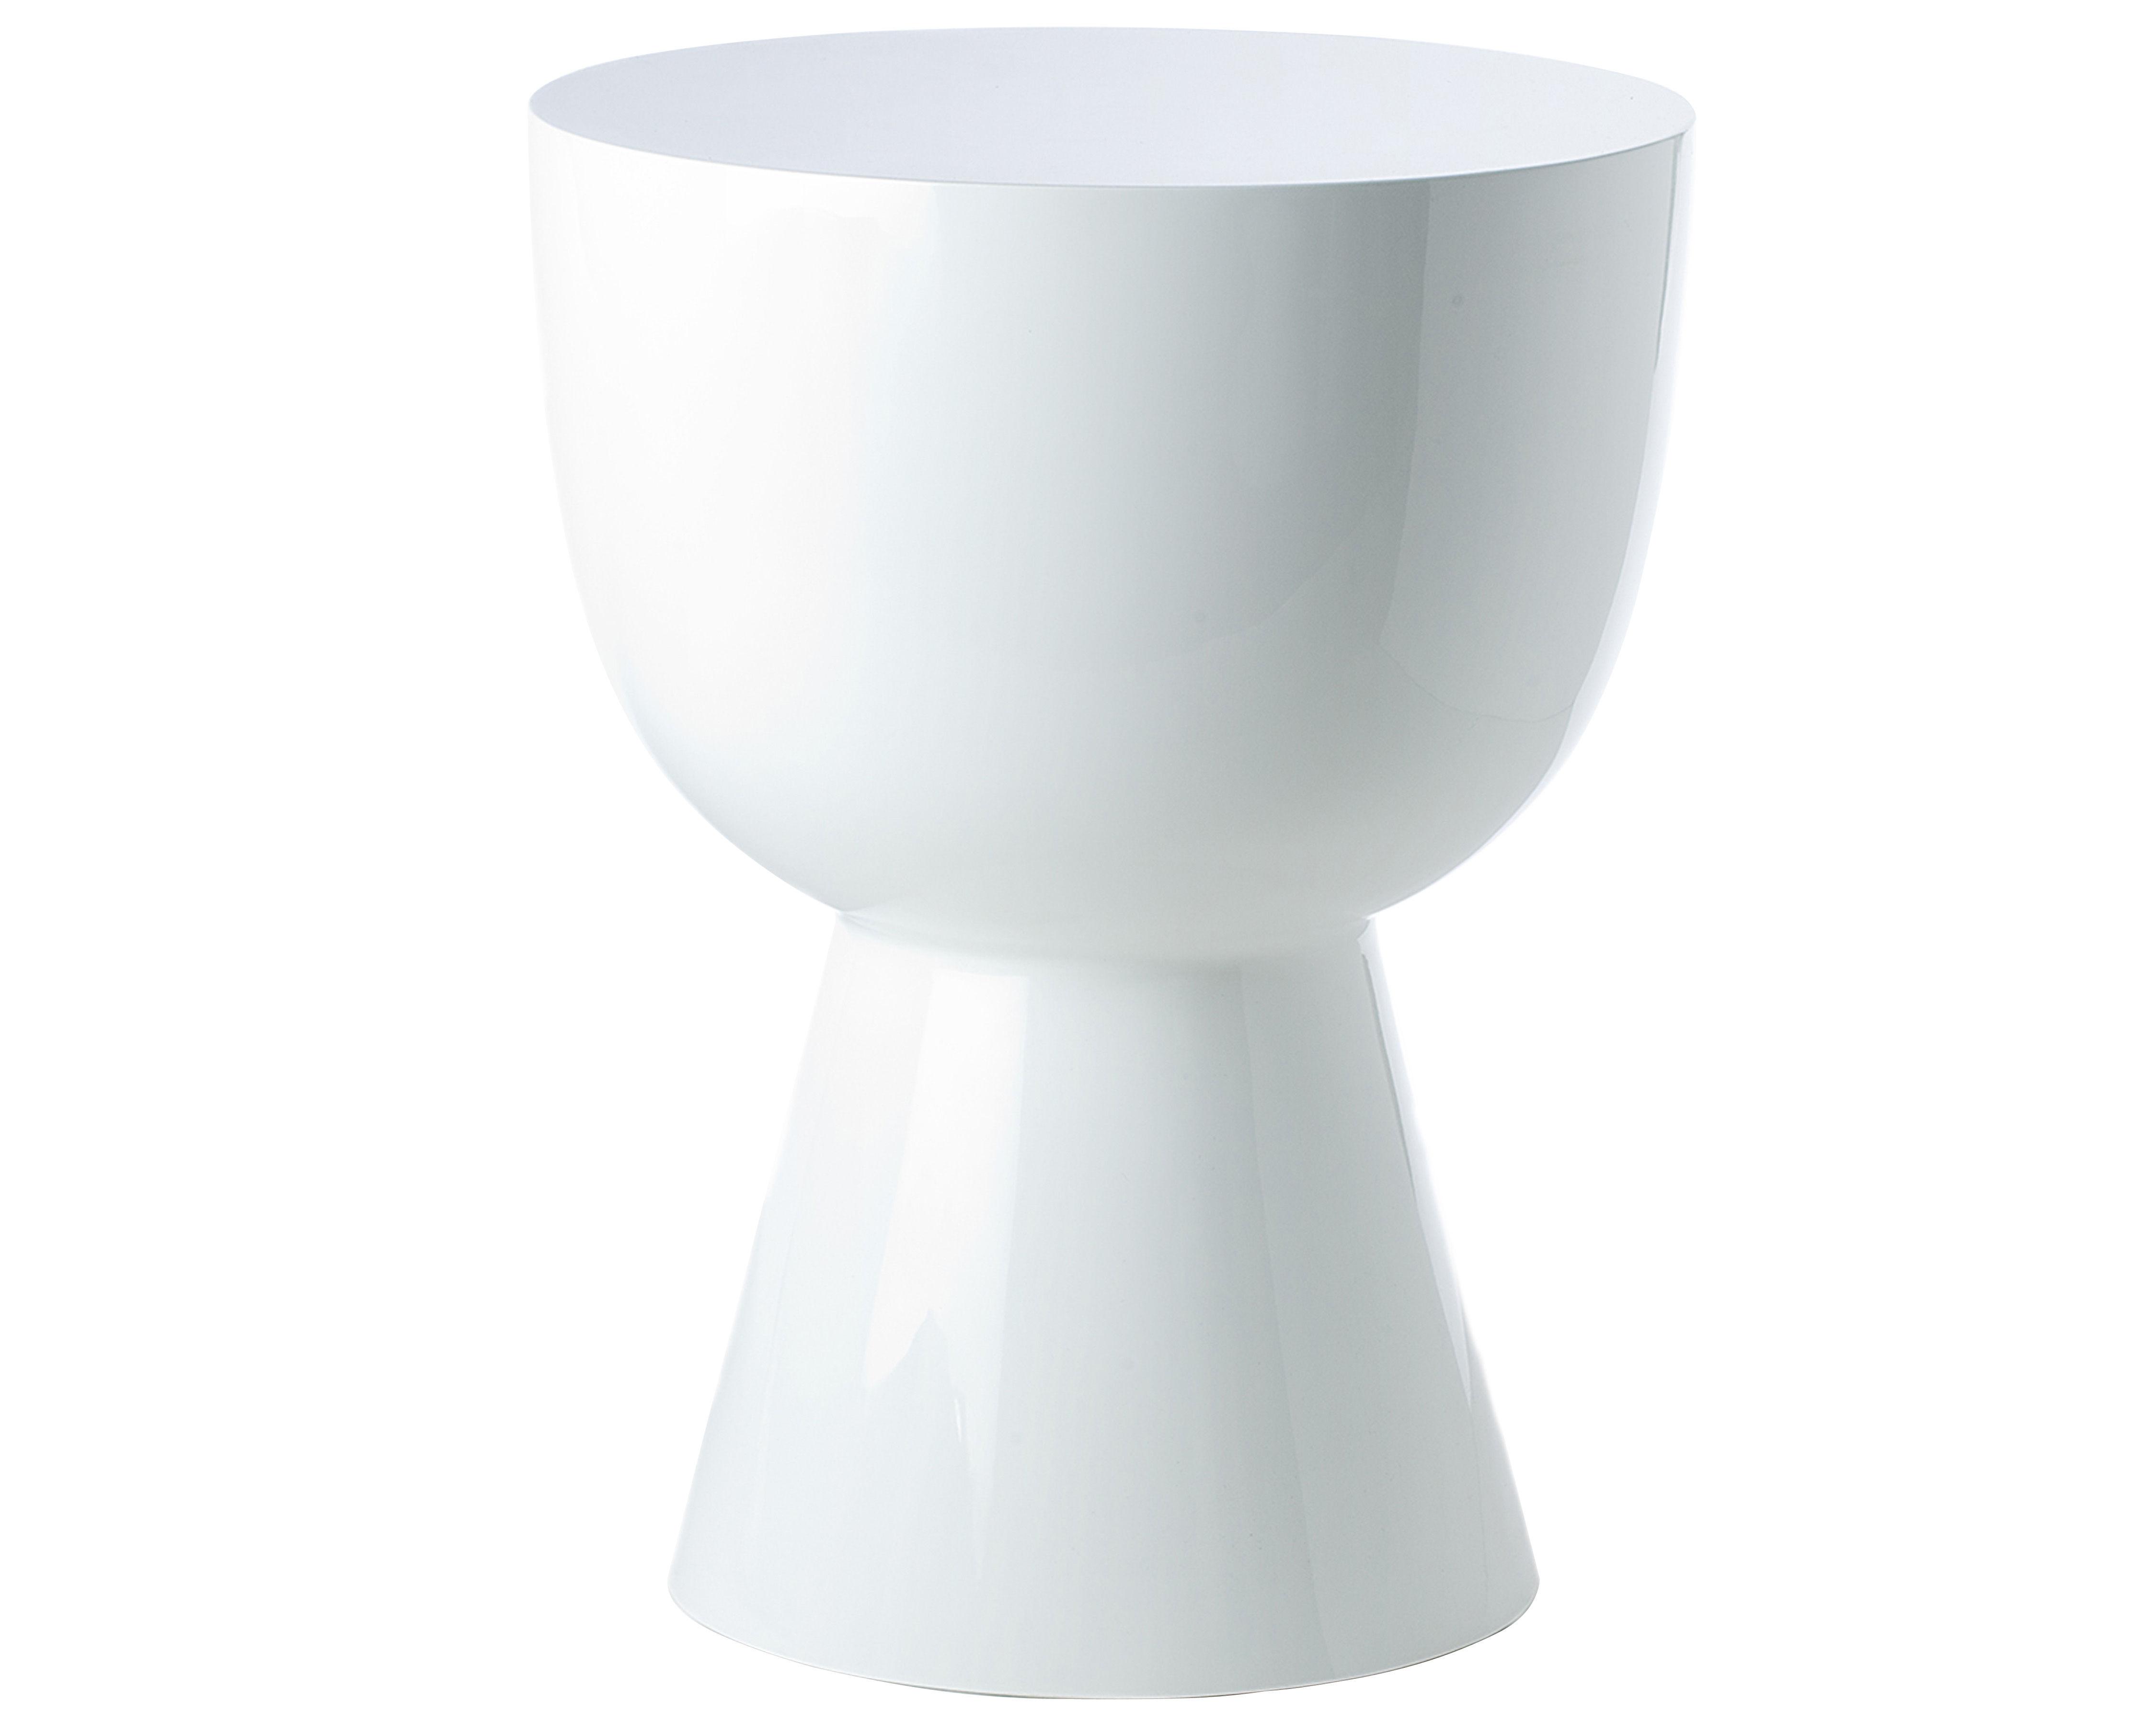 Möbel - Hocker - Tam tam Hocker - Pols Potten - Weiß - lackiertes Polyester